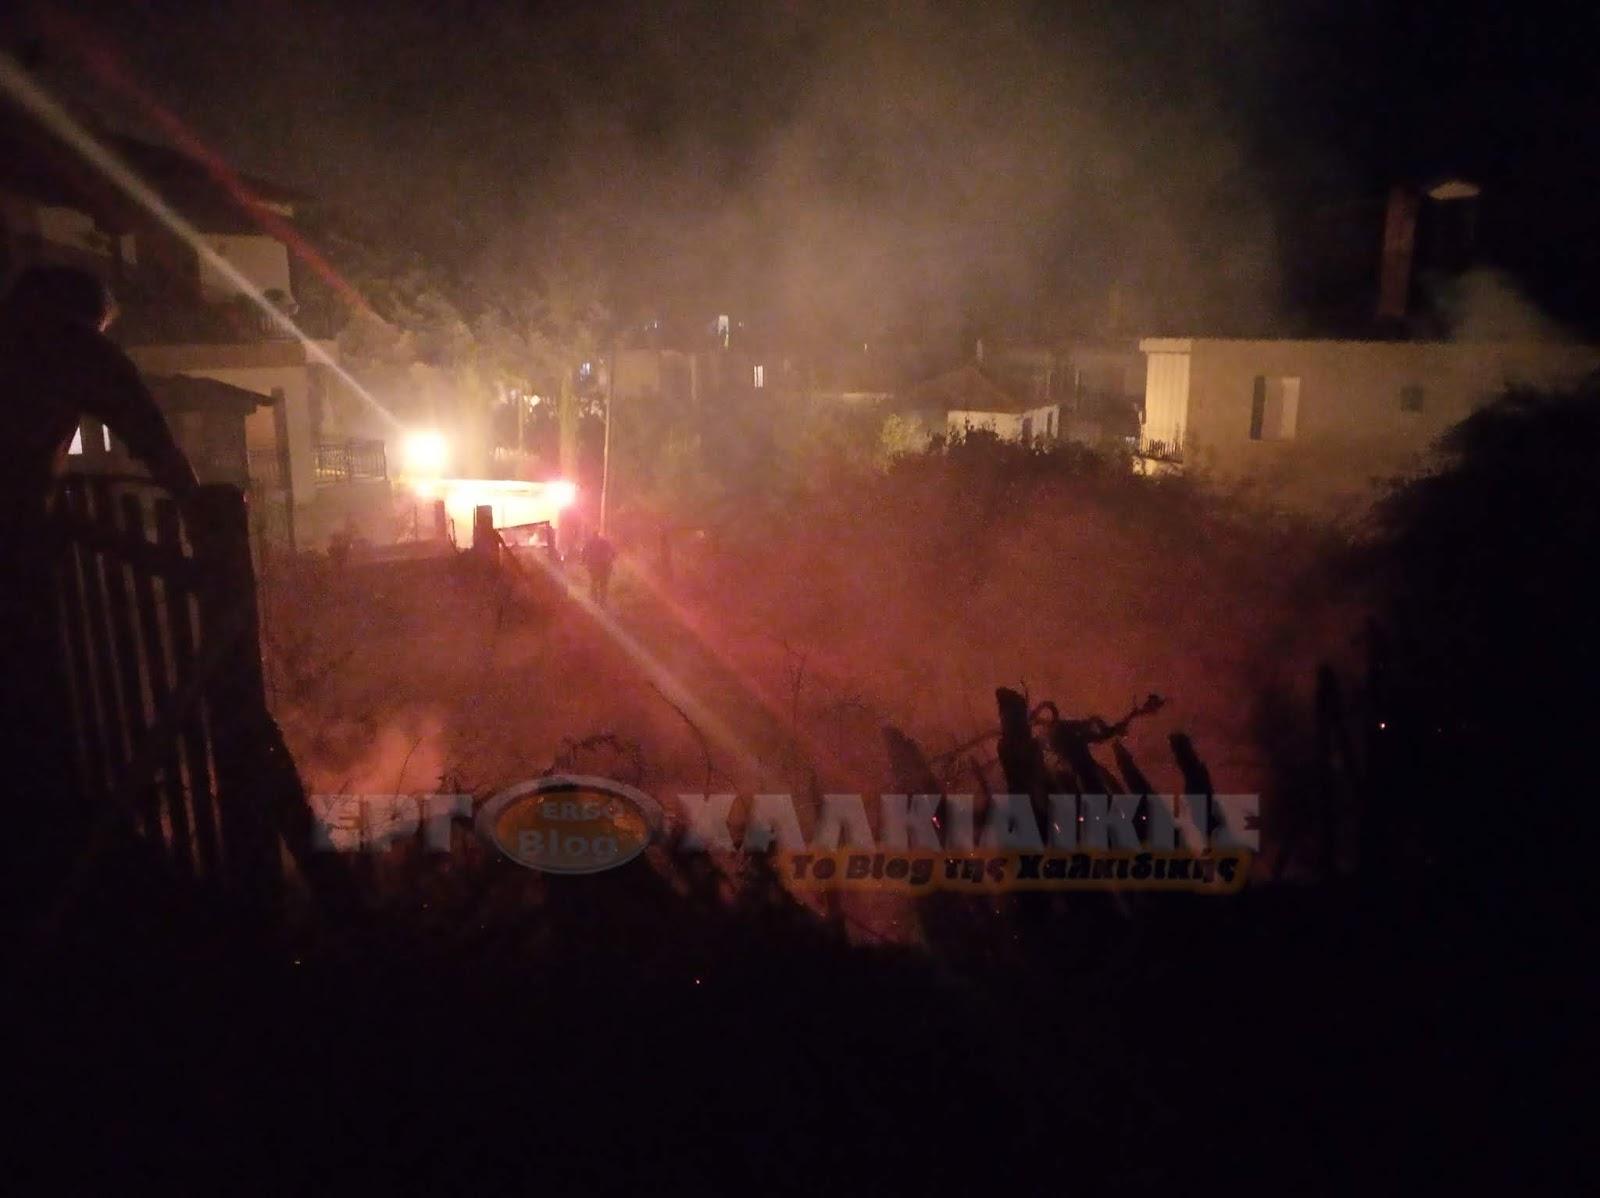 Φωτιά ξέσπασε πριν απο λίγο στο κέντρο της Αρναίας  (φώτο)